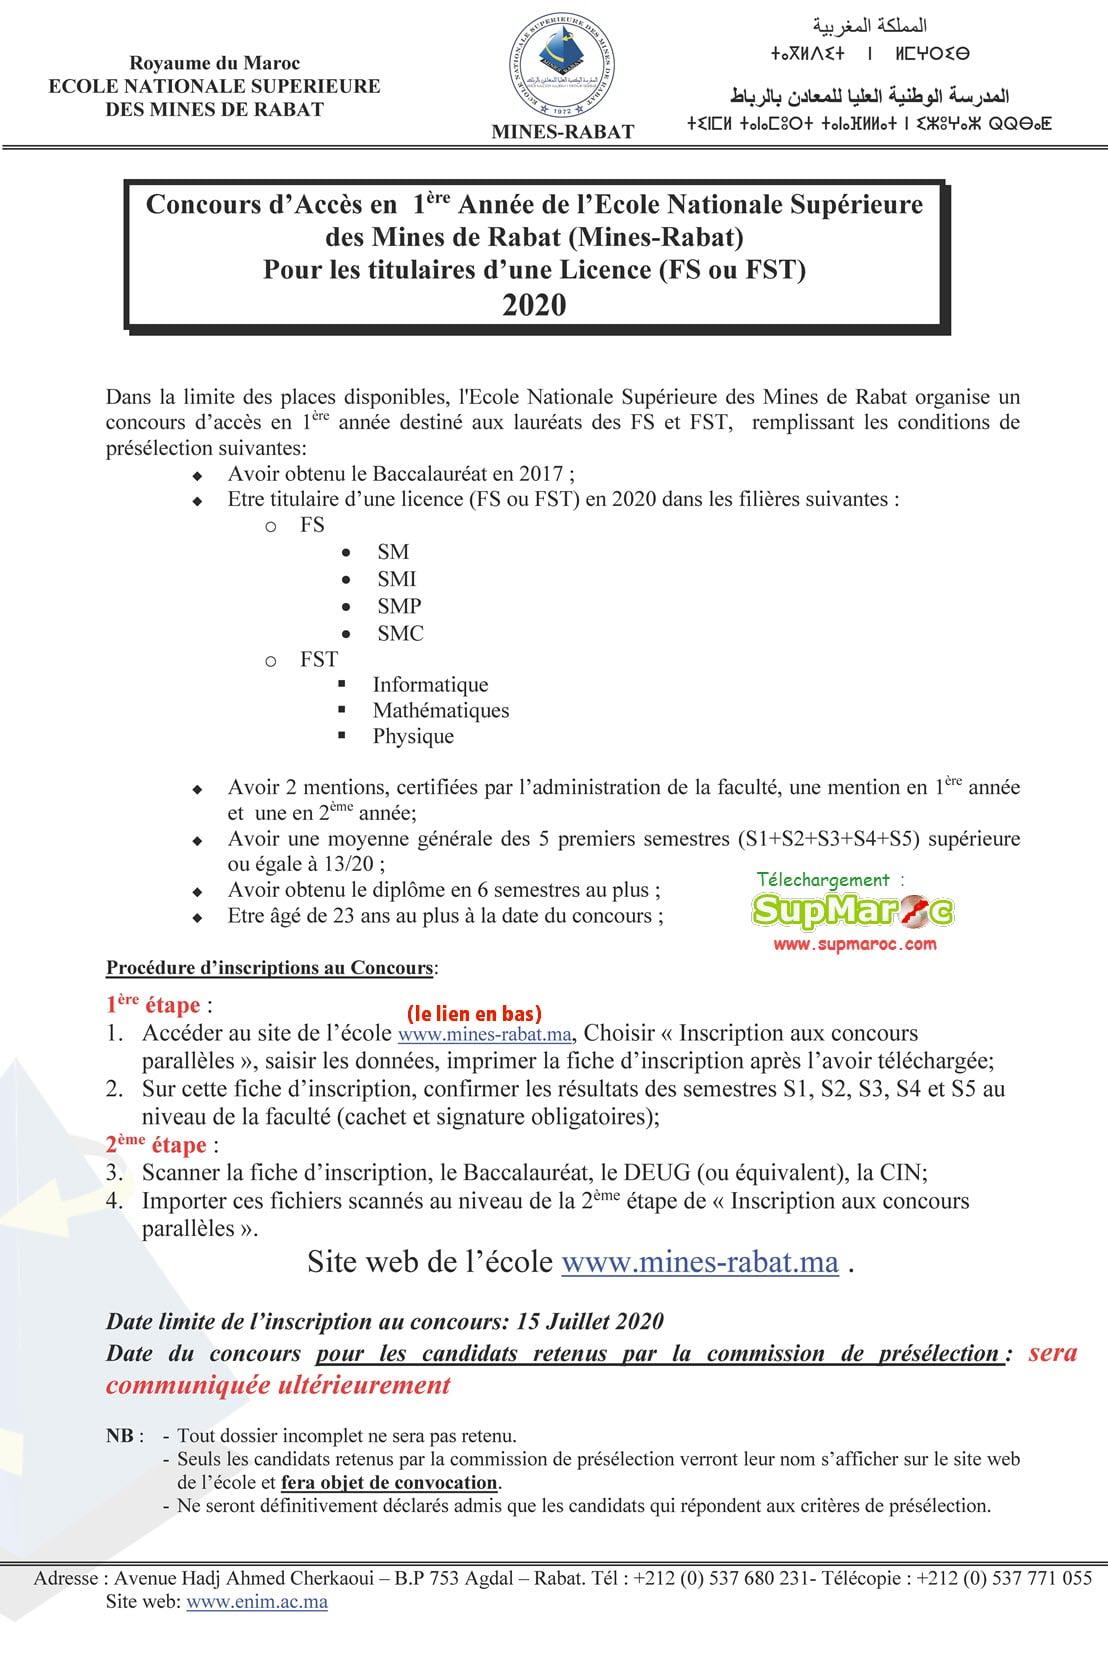 Mines Rabat Concours parallèle Accès en1ère année 2020-2021 titulaire licence